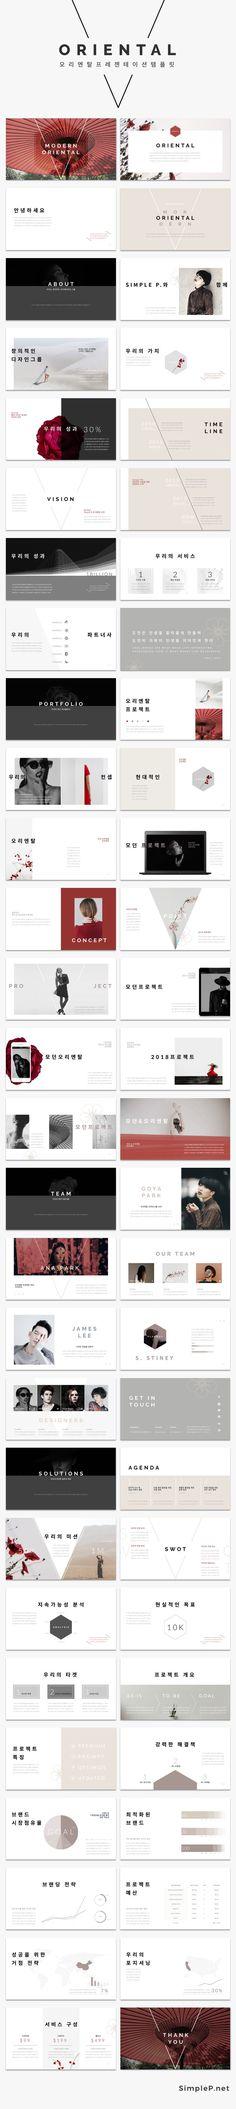 세련된 회사 소개서: 오리엔탈 파워포인트 & 키노트 비즈니스 템플릿 Oriental Powerpoint Keynote Presentation Template #oriental #ppt #마케팅 #회사소개서